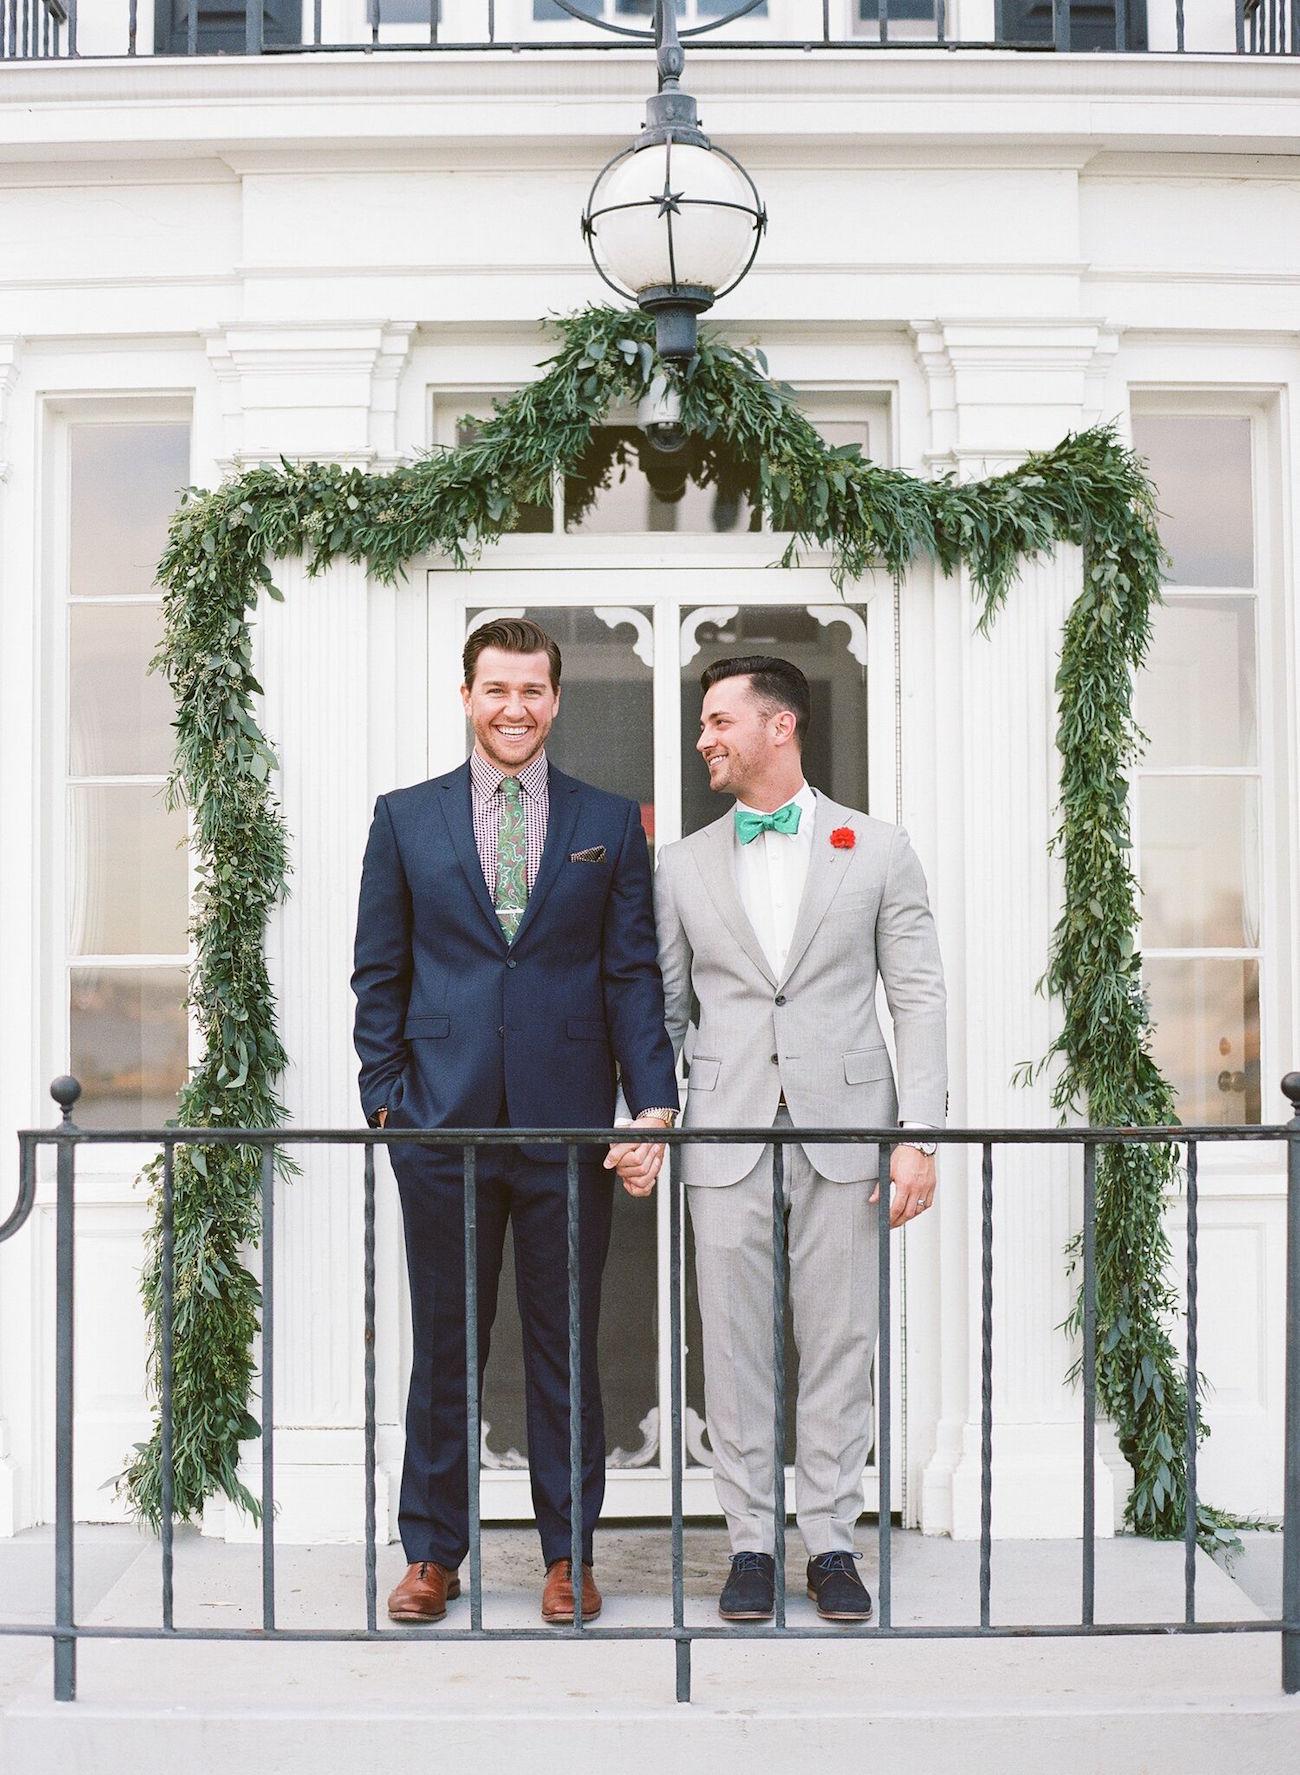 Same Sex Engagement Party Inspiration | Image: Katie Parra